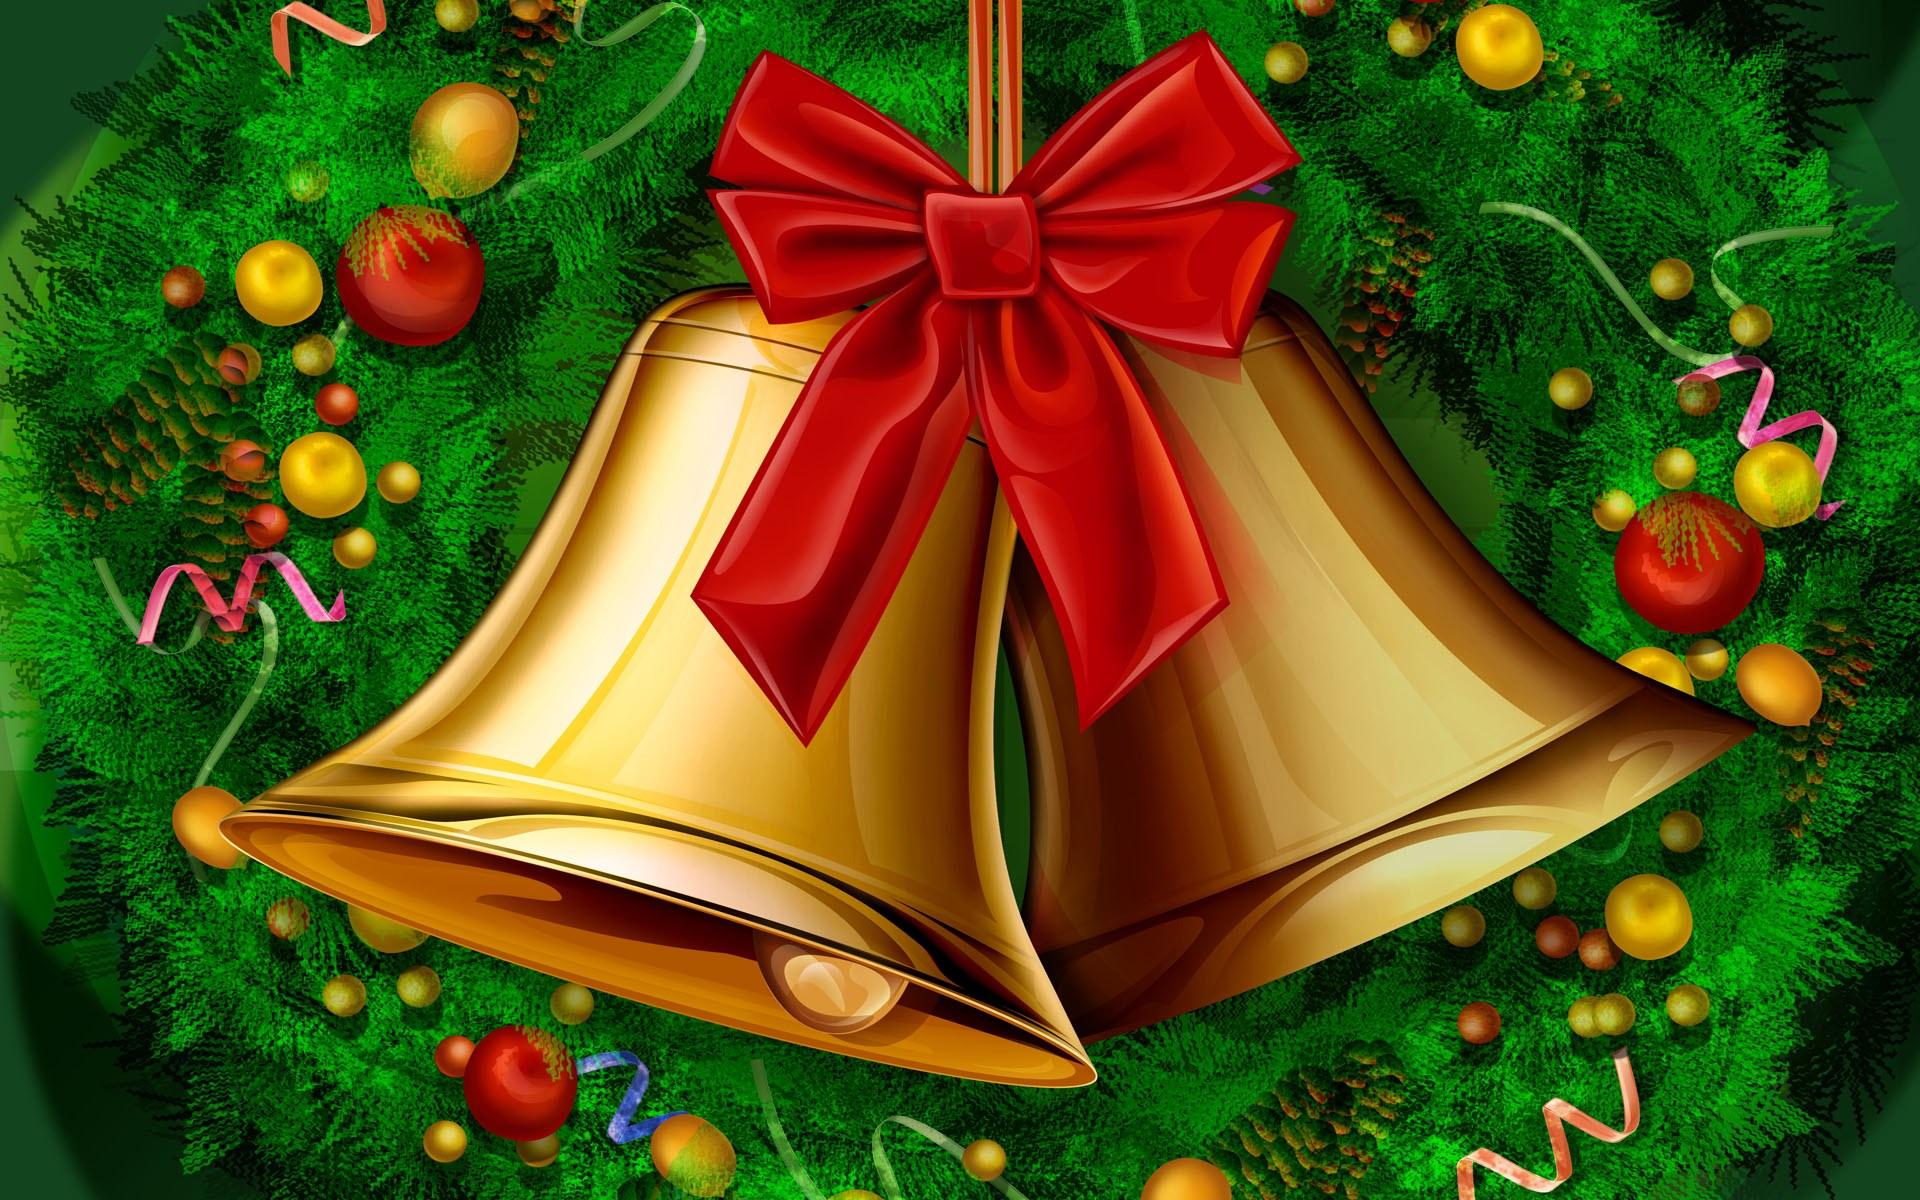 HD Wallpapers 22 19 *1 0 Shinging Christmas Bell - Festive Christmas CG